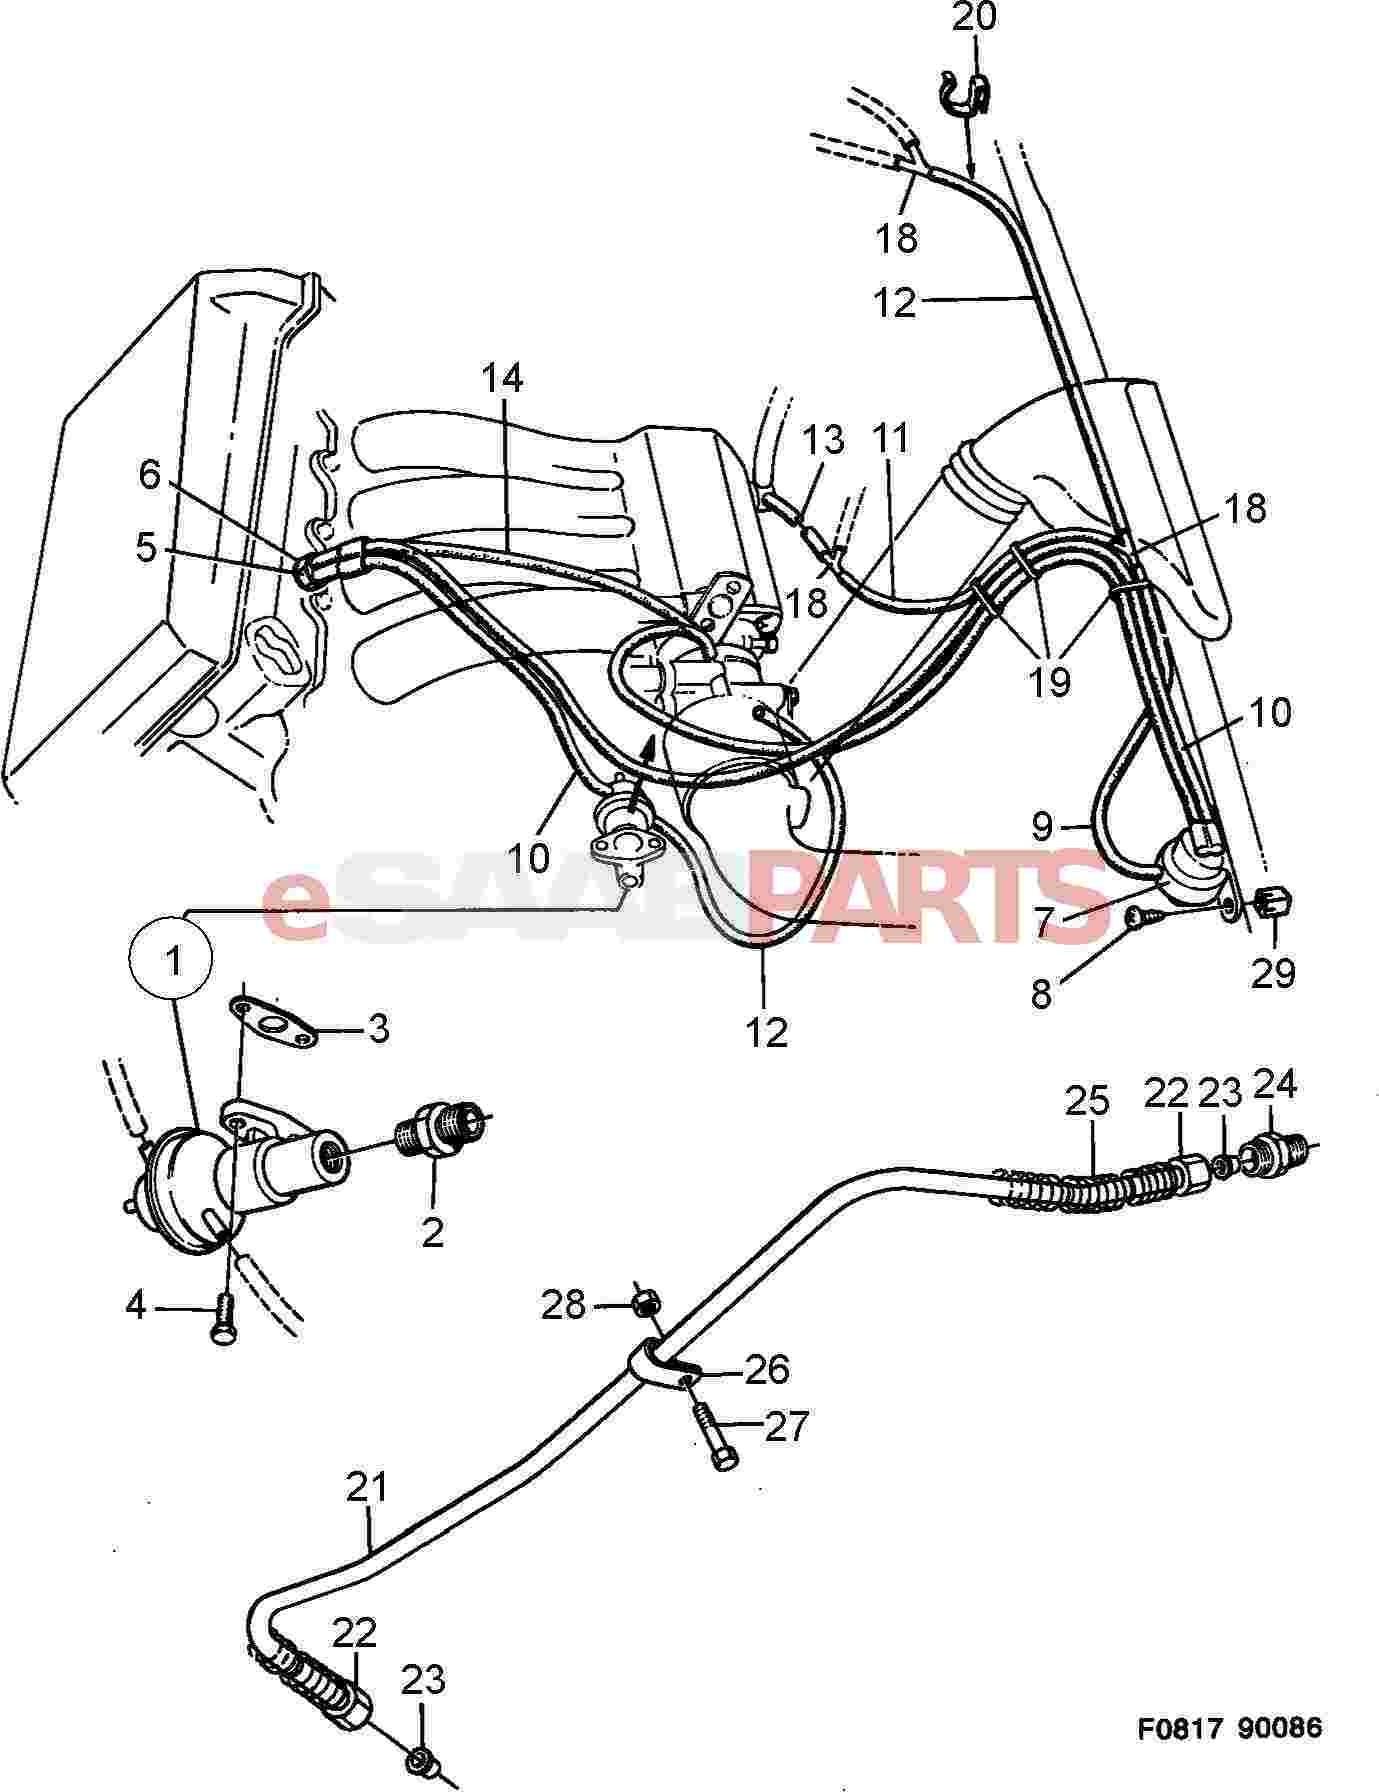 2004 saab engine diagram diy wiring diagrams u2022 rh socialadder co saab 9 3 1999 serpentine belt 2004 saab 9 3 serpentine belt routing